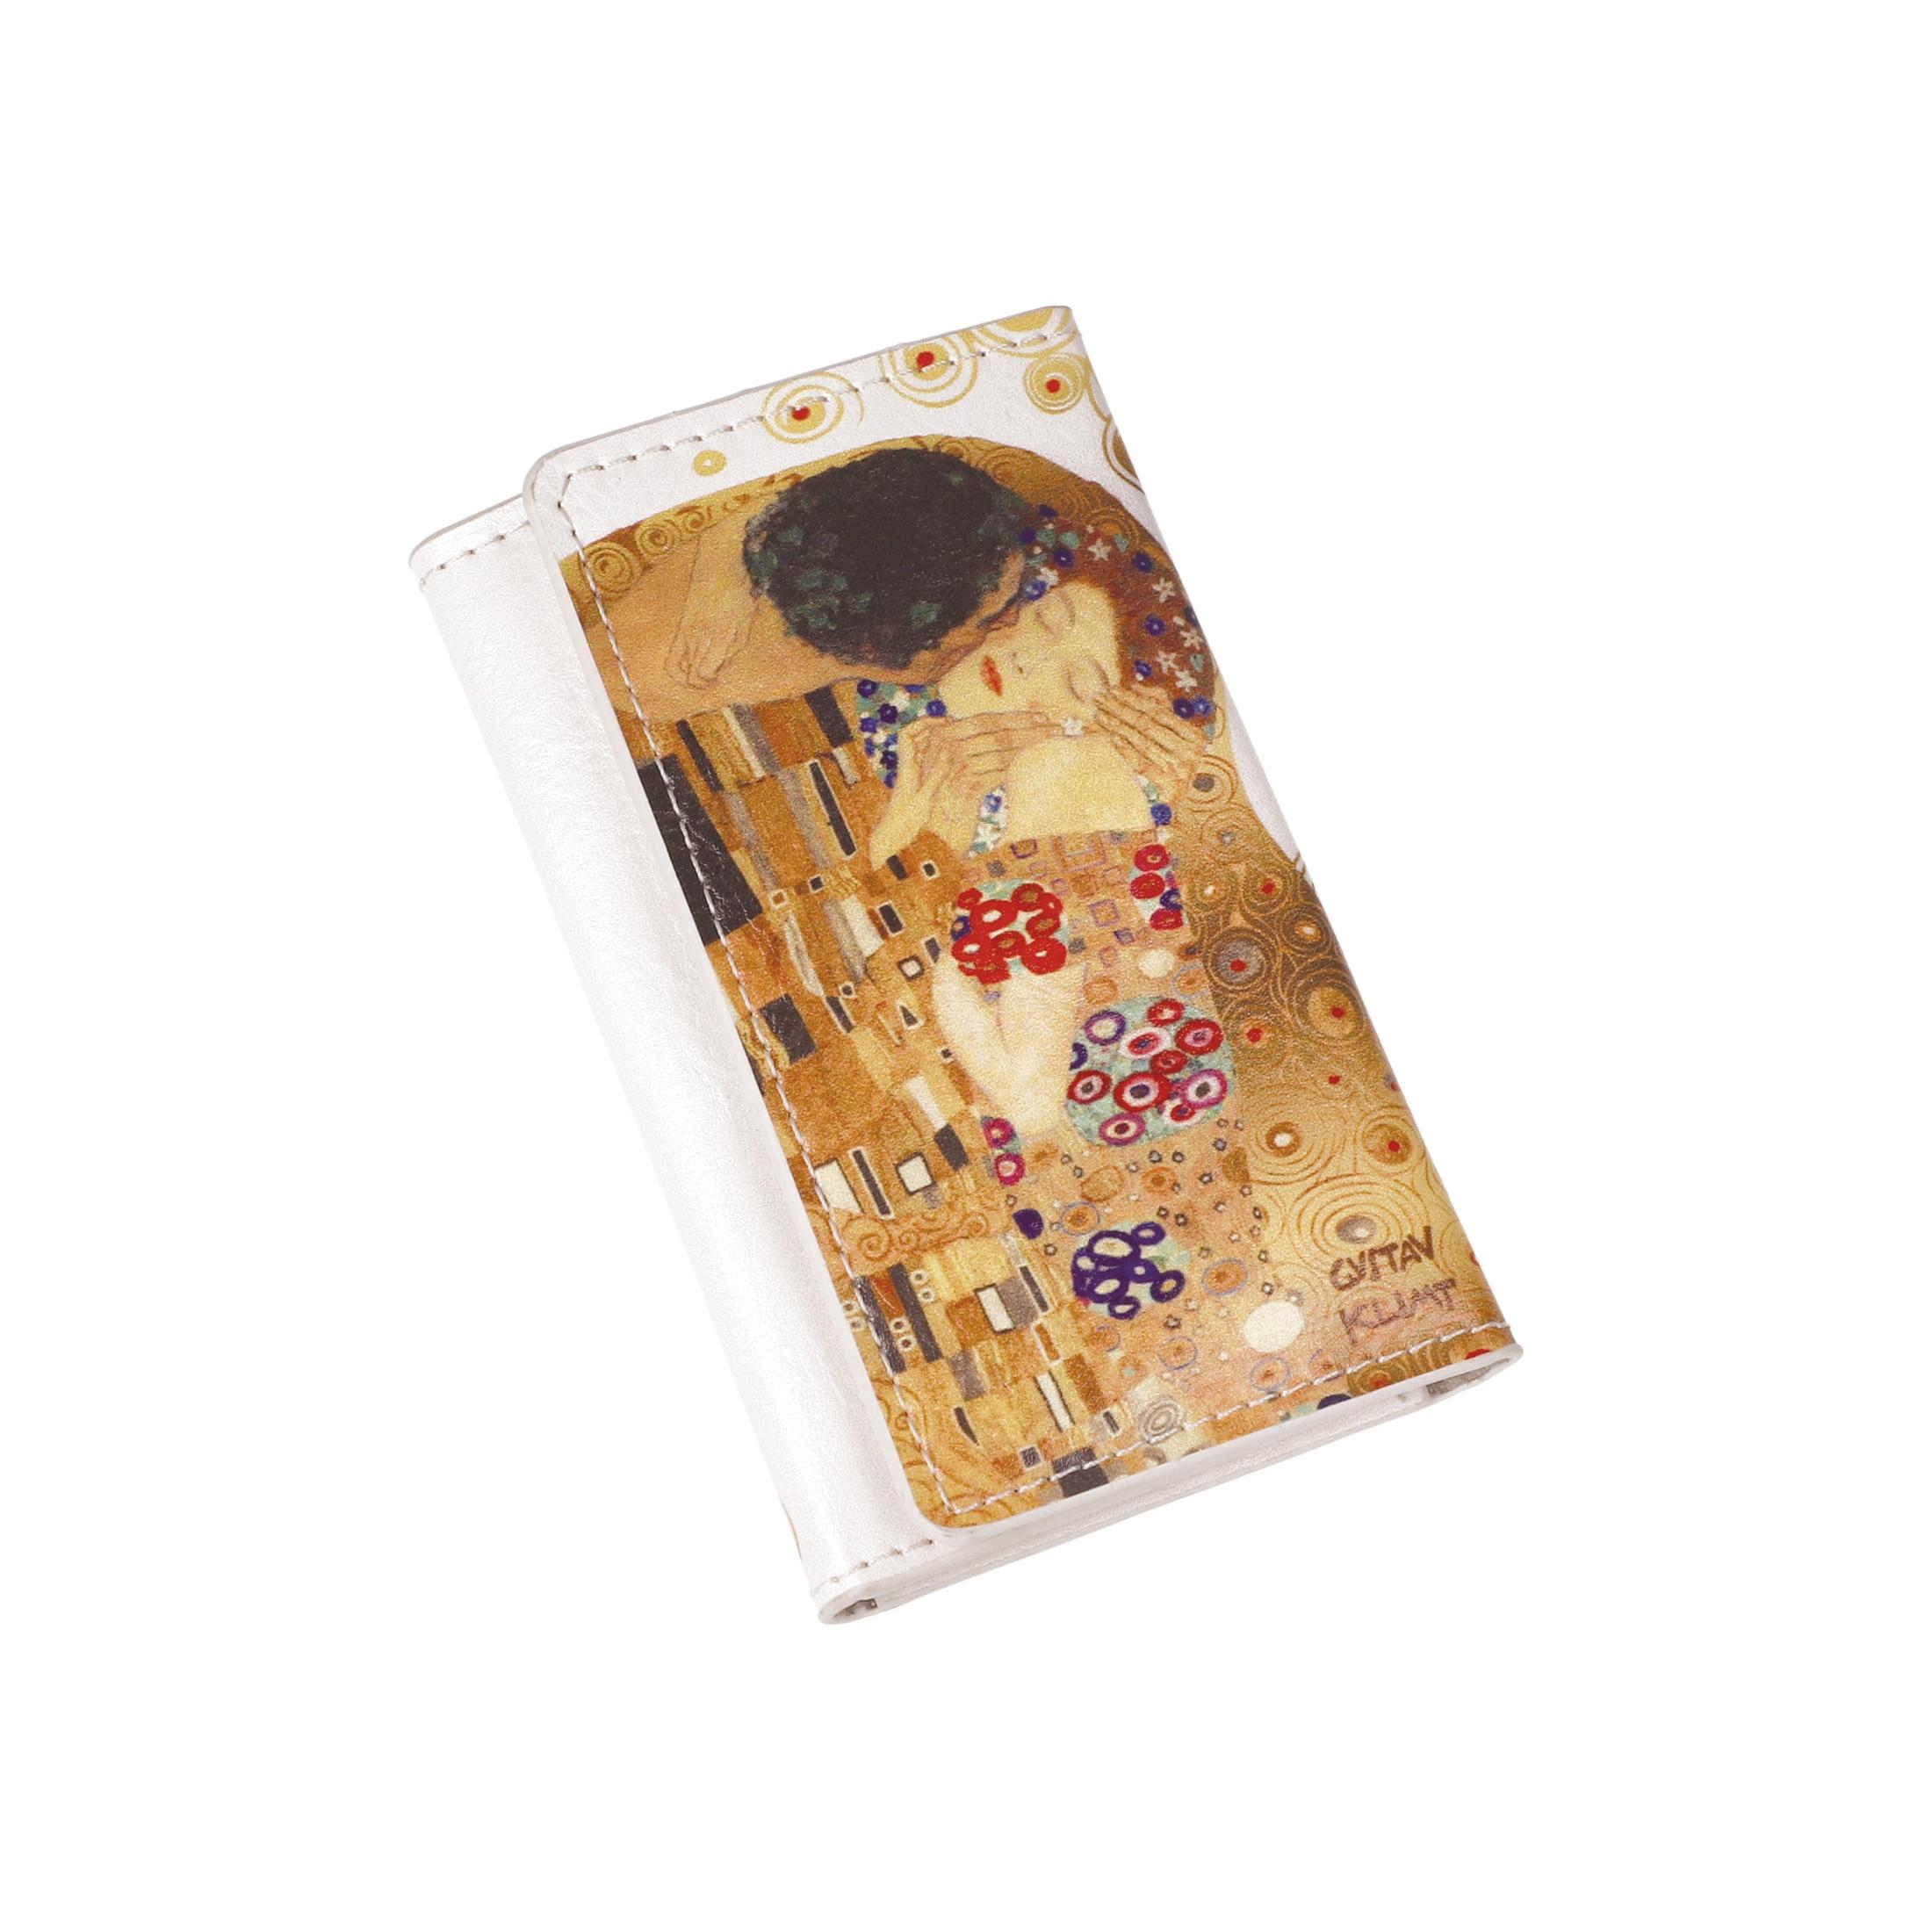 Goebel Artis Orbis Gustav Klimt 'AO K SL Der Kuss 6x10' 2021 !